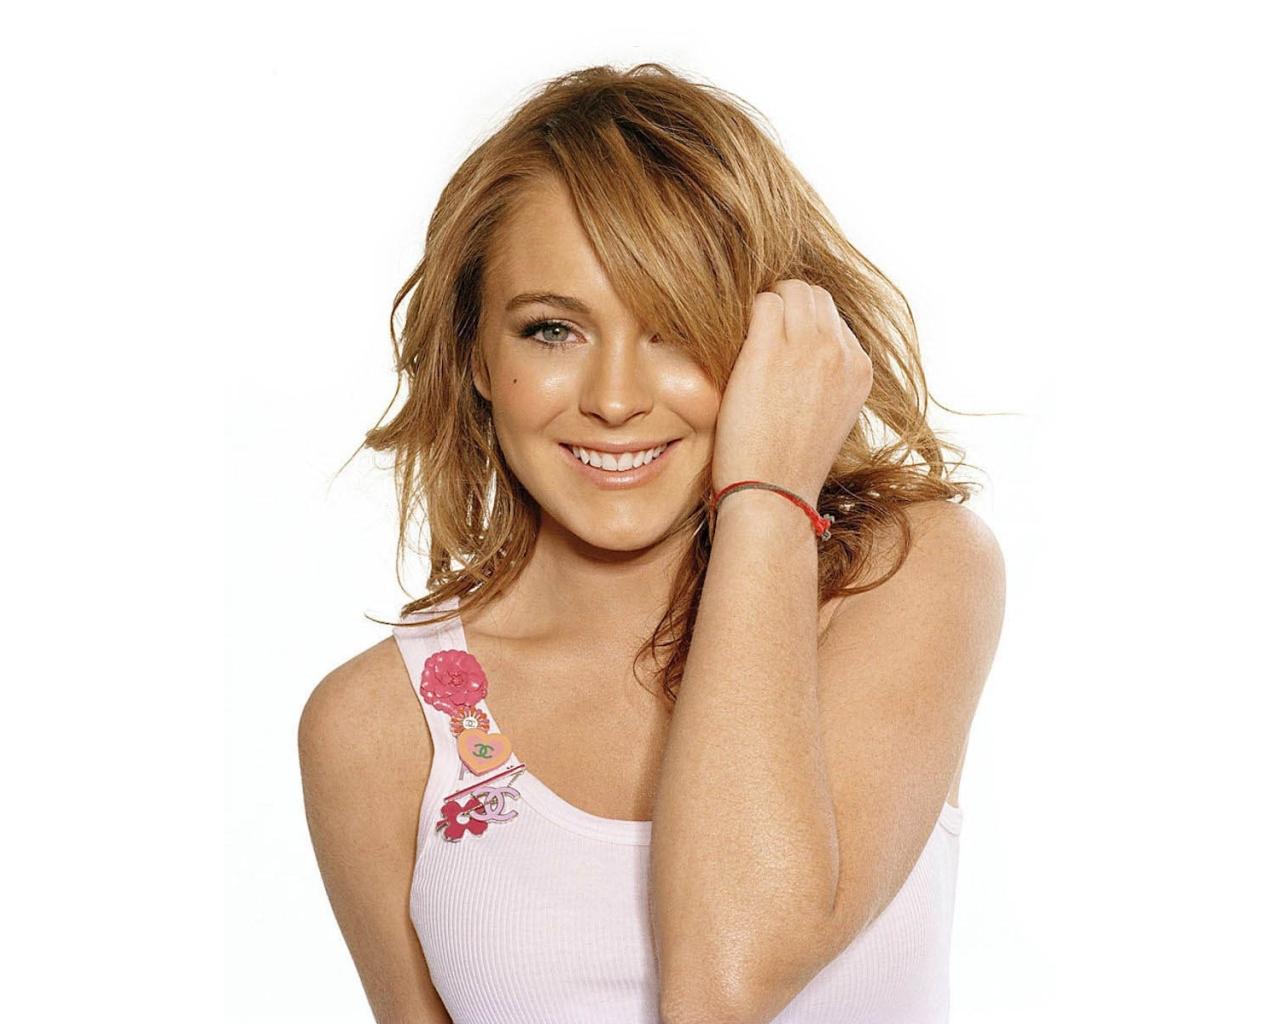 Lindsay Lohan - 1280x1024